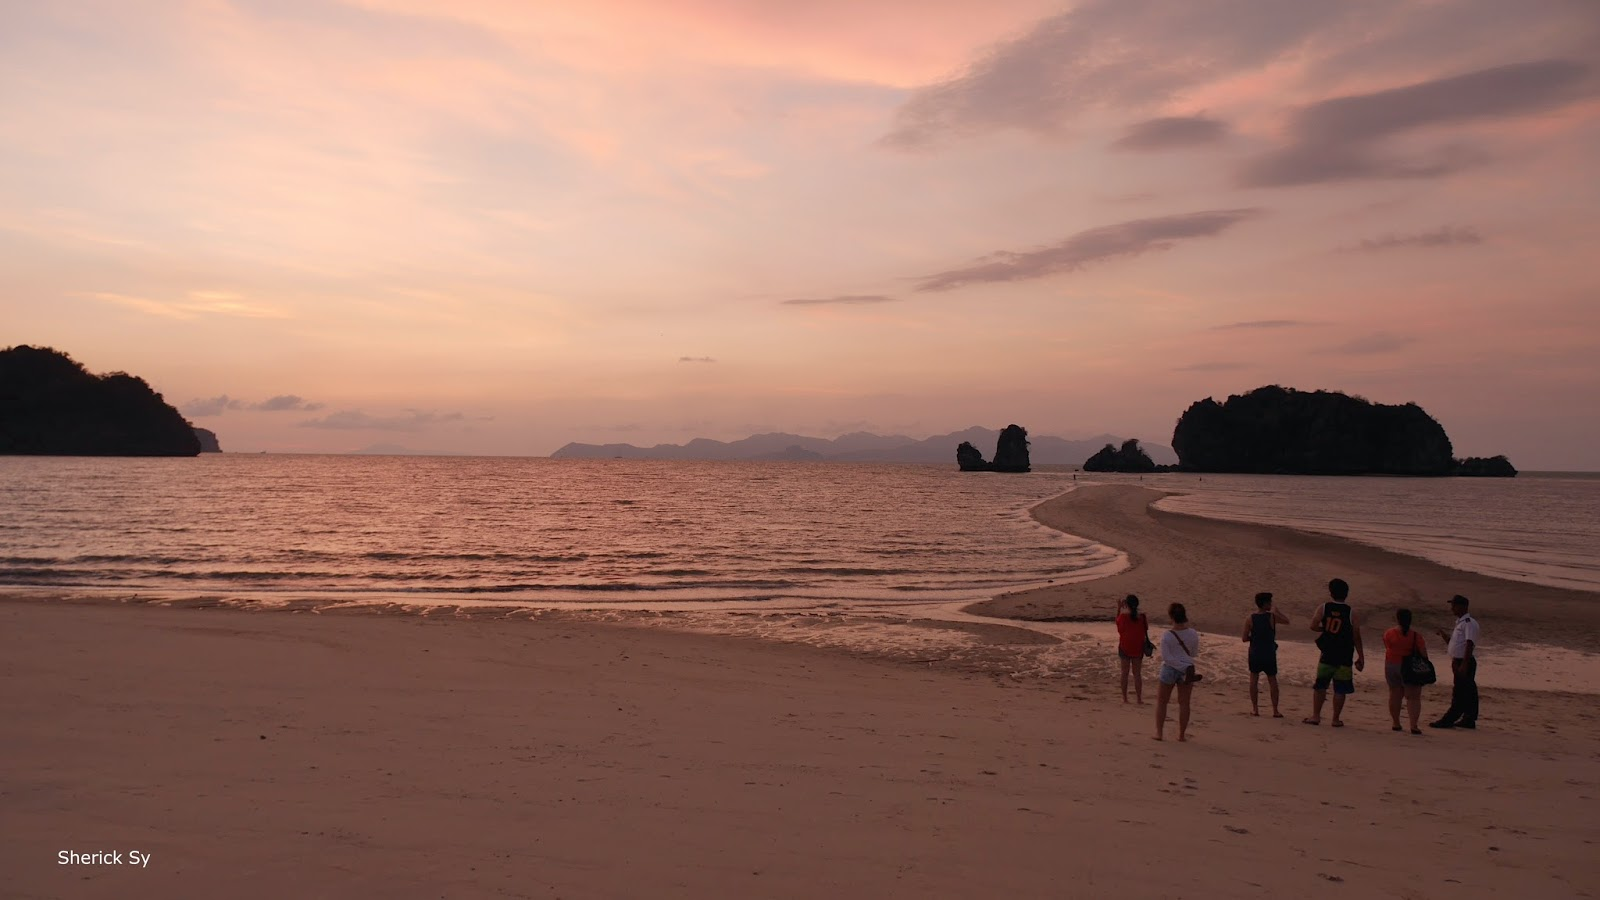 Twilight at Tanjung Rhu Resort, Langkawi, Malaysia